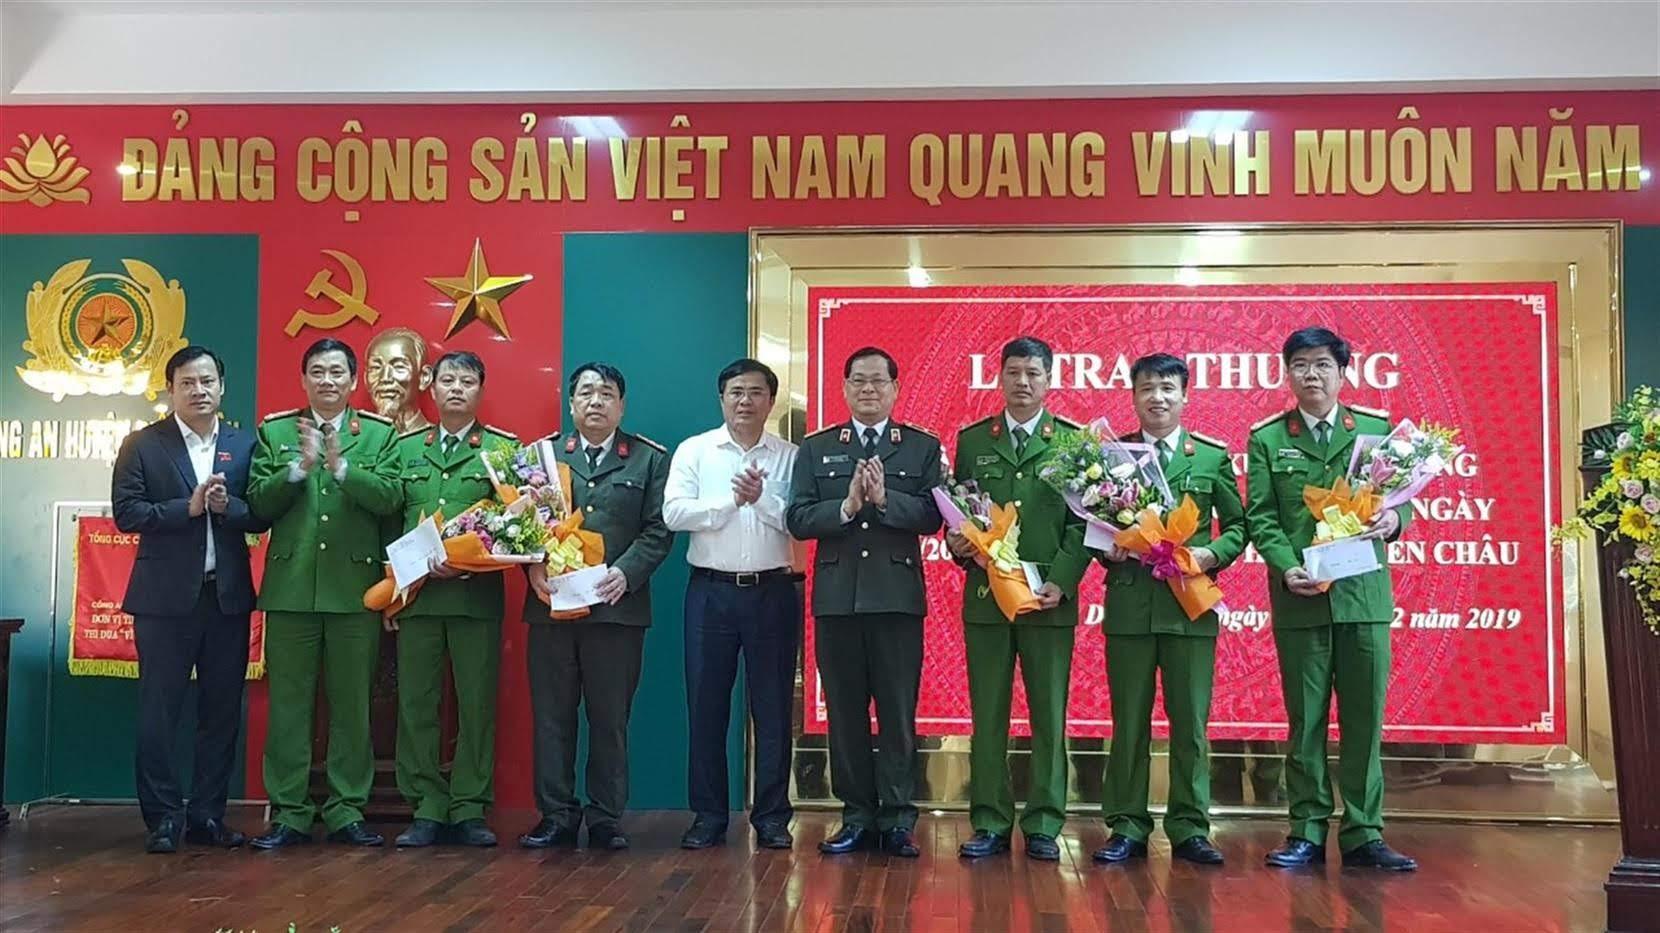 Đồng chí Thiếu tướng Nguyễn Hữu Cầu, Giám đốc Công an tỉnh trao thưởng về thành tích xuất sắc                                                  của Phòng Cảnh sát Hình sự và Công an huyện Diễn Châu trong khám phá một vụ trọng án